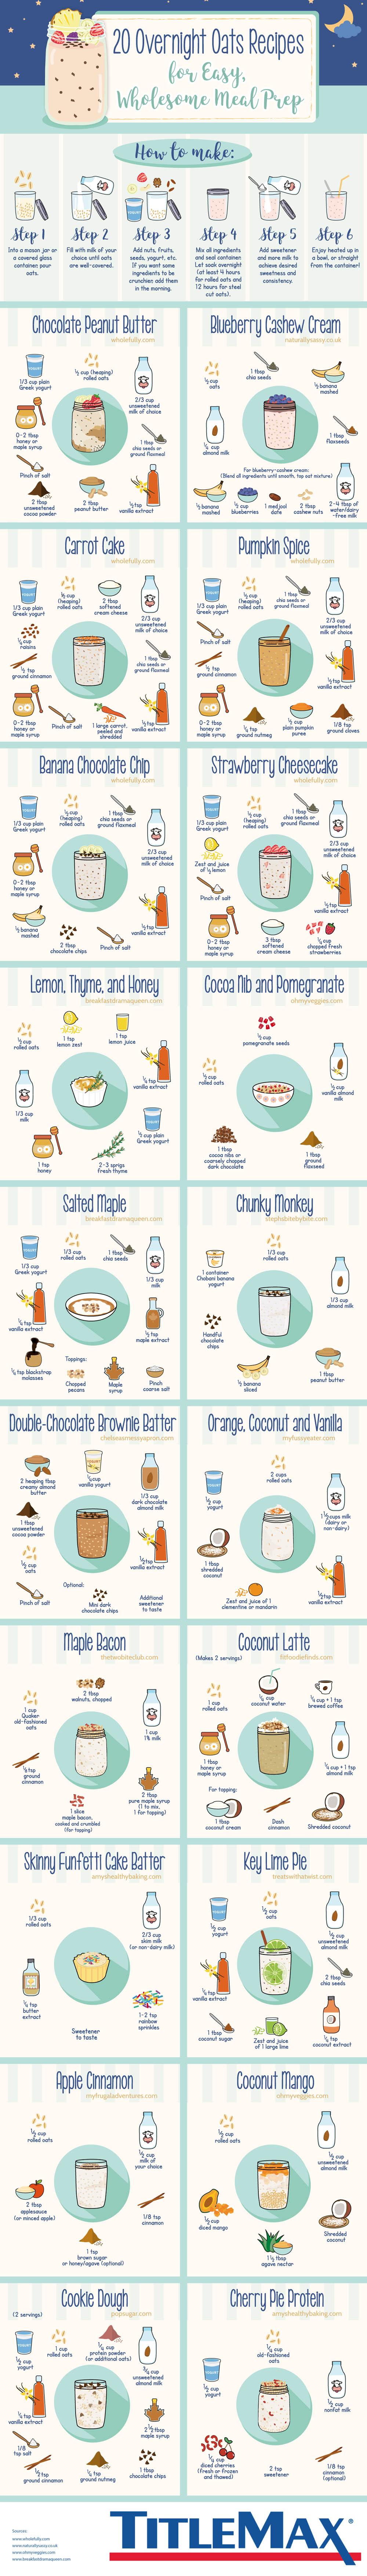 20 Overnight Oats Recipes